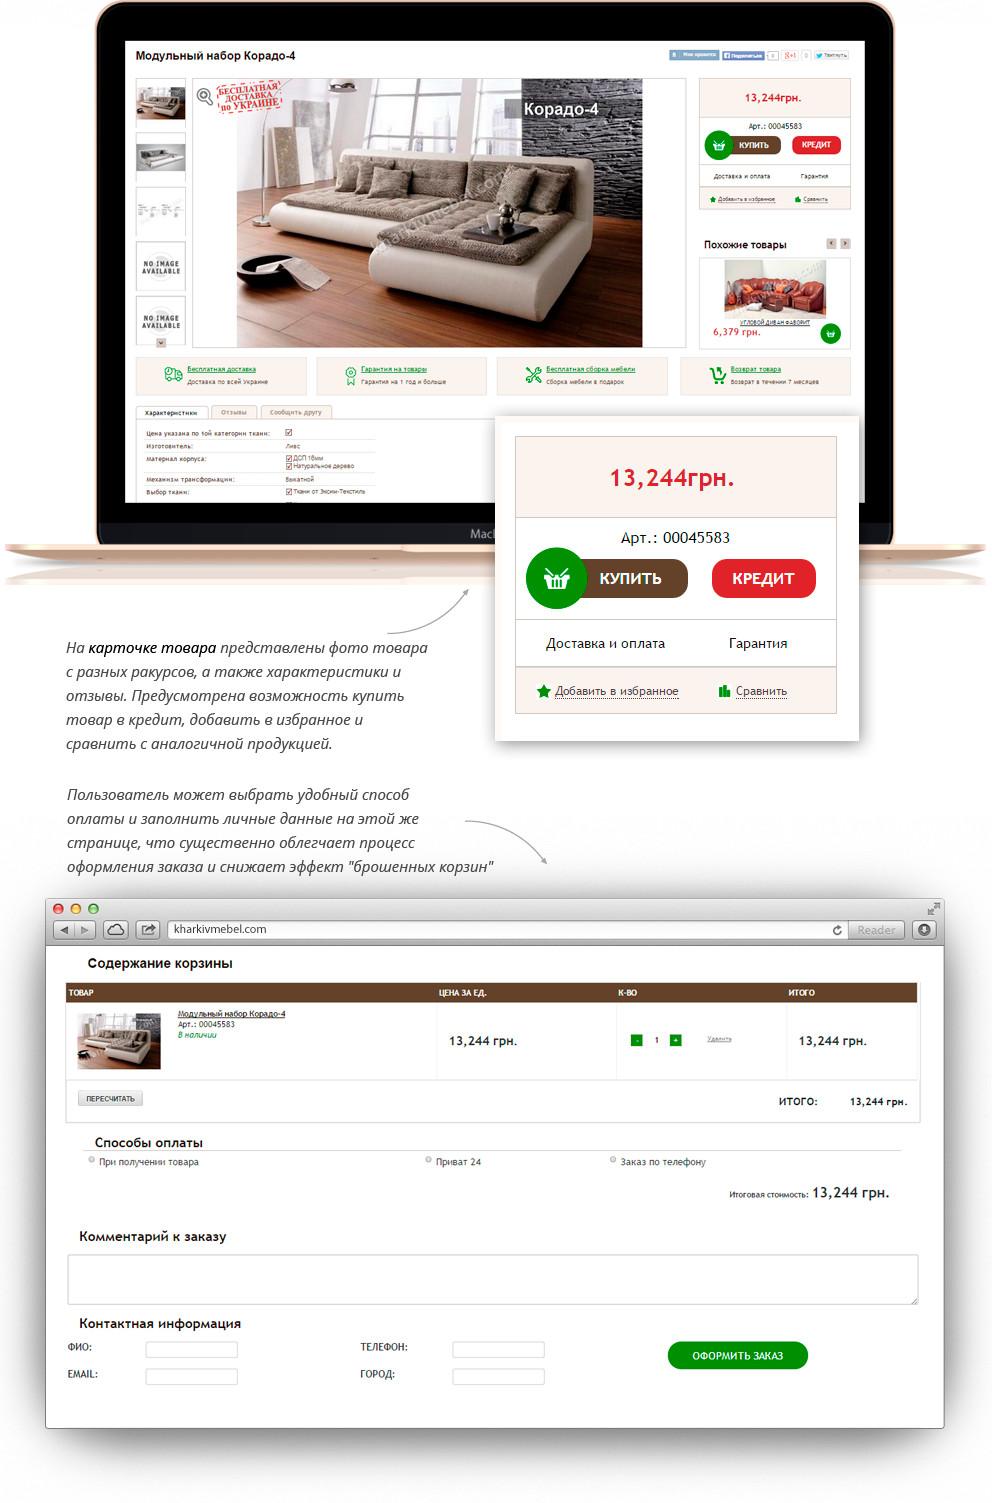 Функционал сайта по продаже мебели для удобства менеджеров